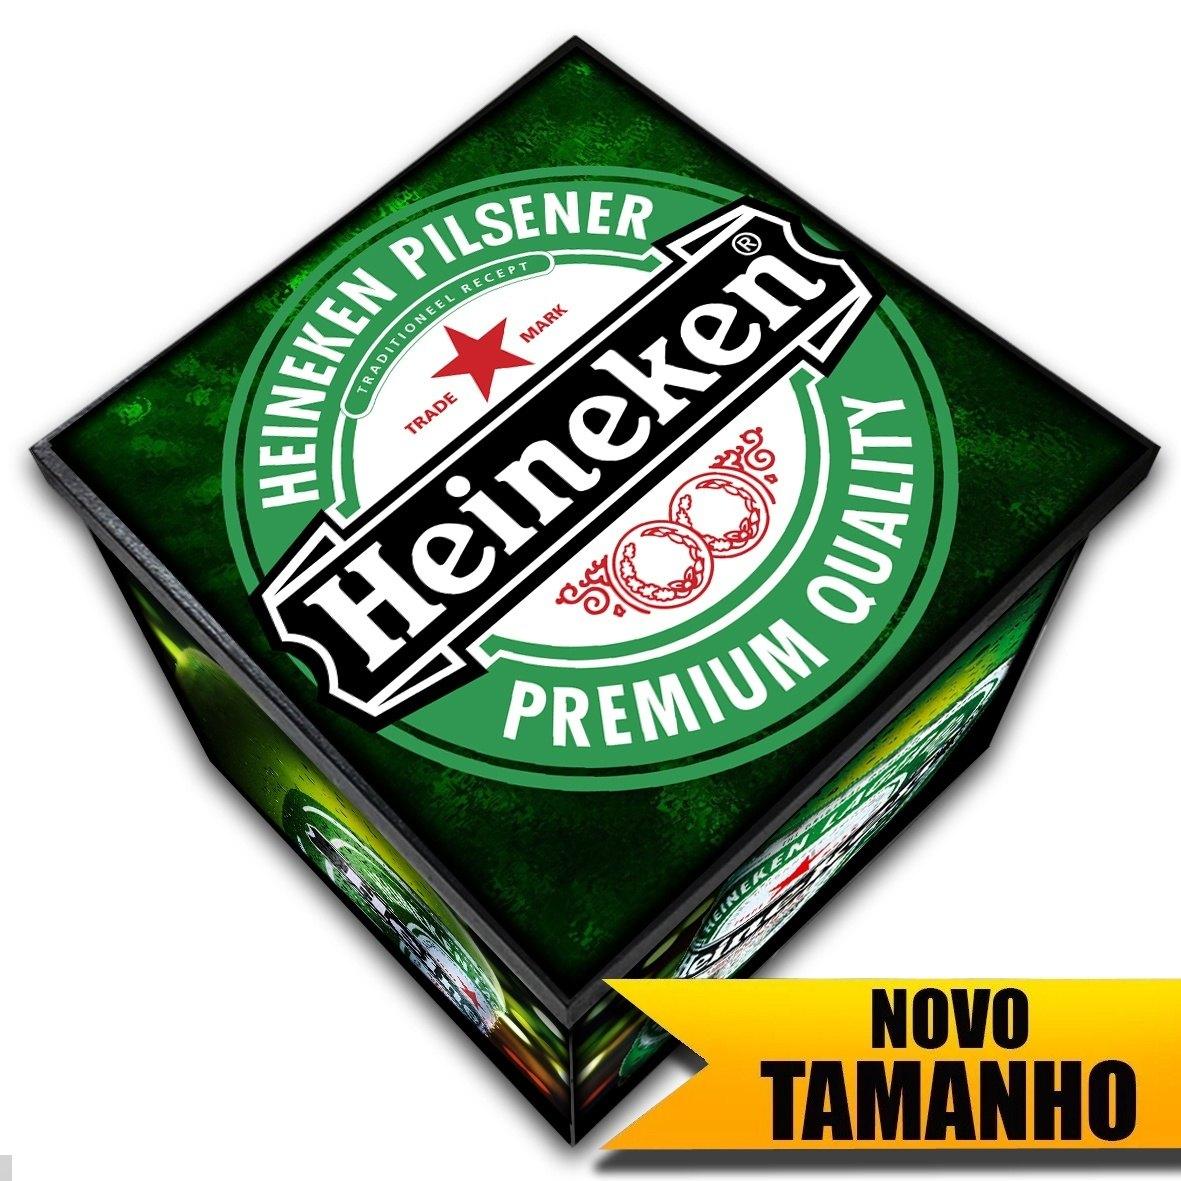 Heineken - Caixa Organizadora em Madeira MDF - Tamanho Grande - Mr. Rock